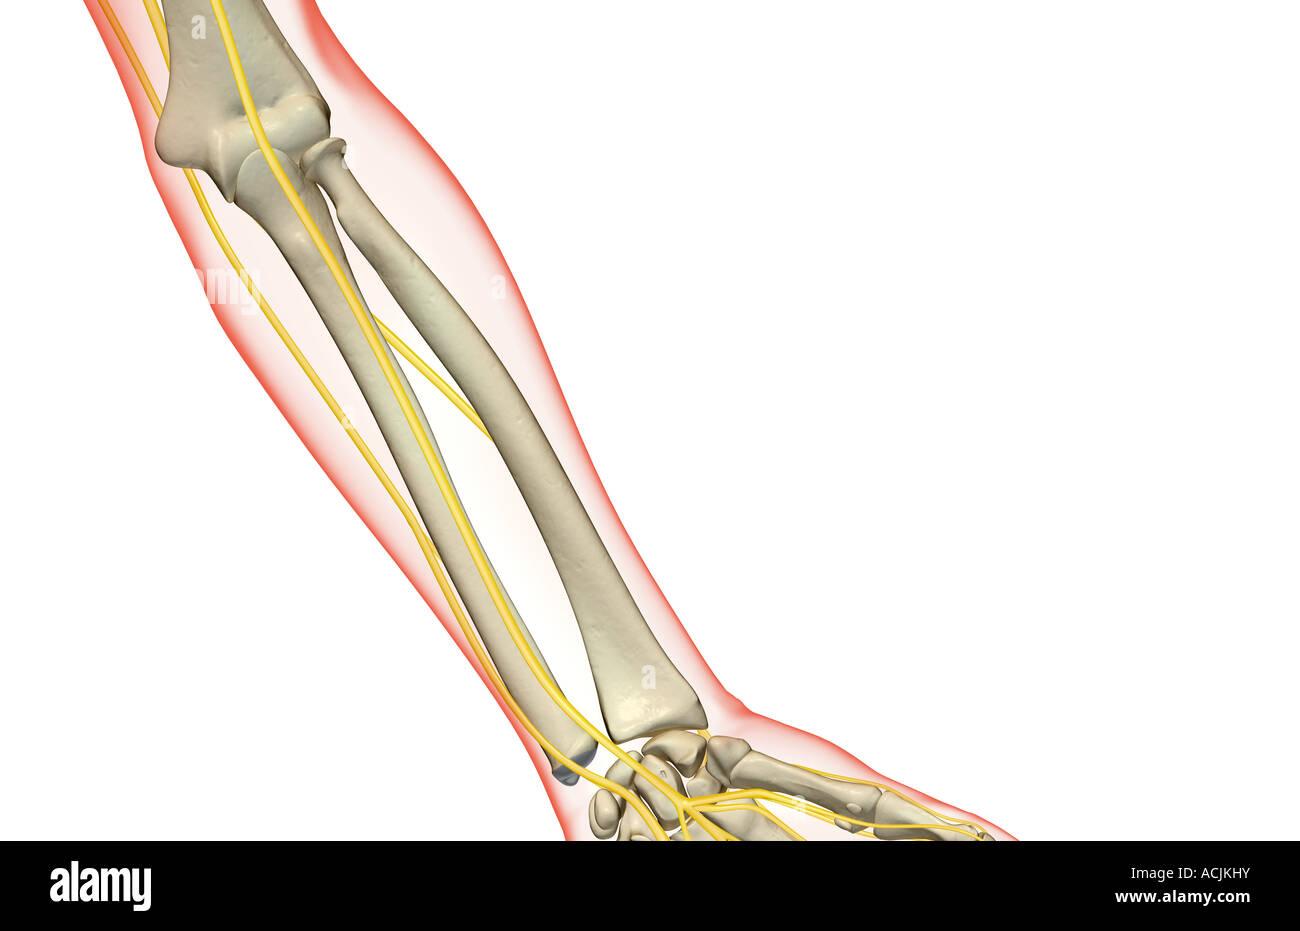 Los nervios del antebrazo Foto & Imagen De Stock: 13171526 - Alamy